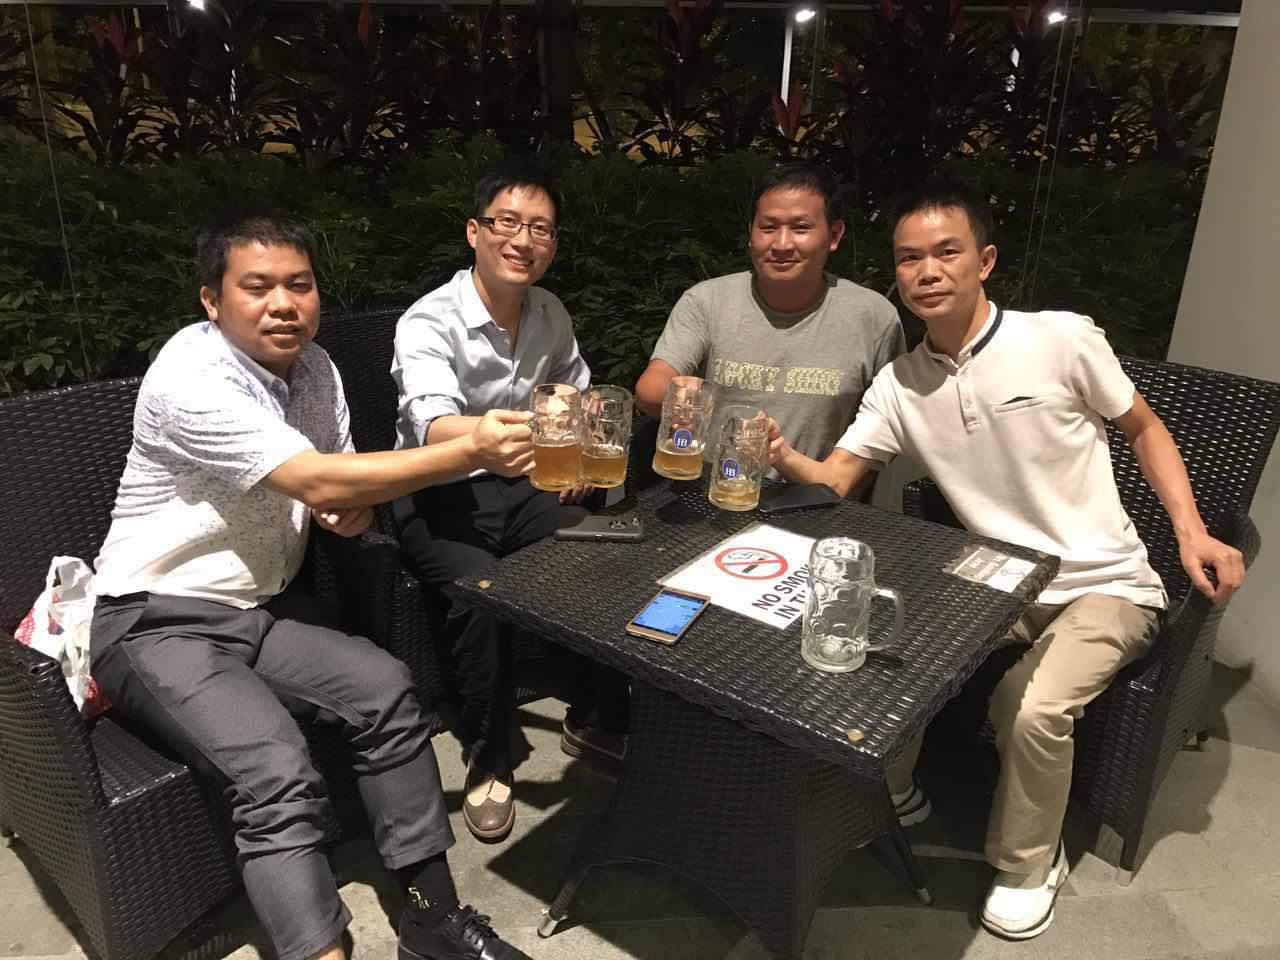 和博士老板组之前的学者们喝酒聊天